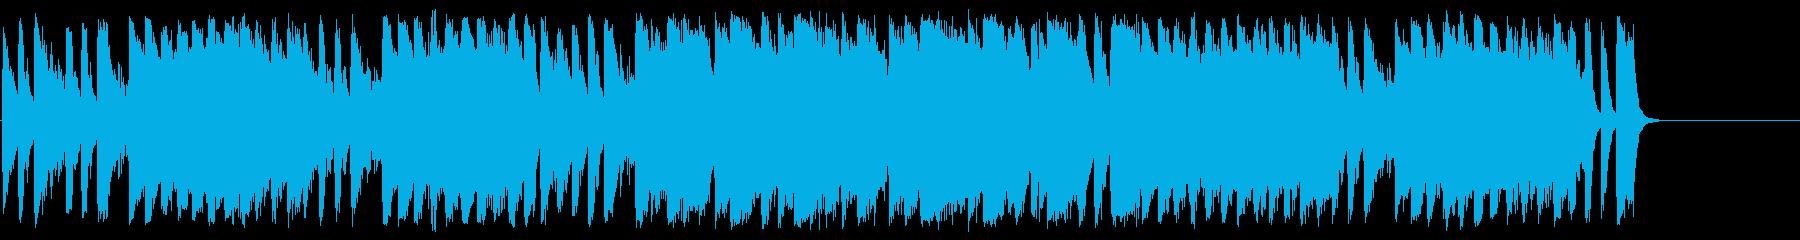 サーカスチックで不思議なメルヘンBGMの再生済みの波形